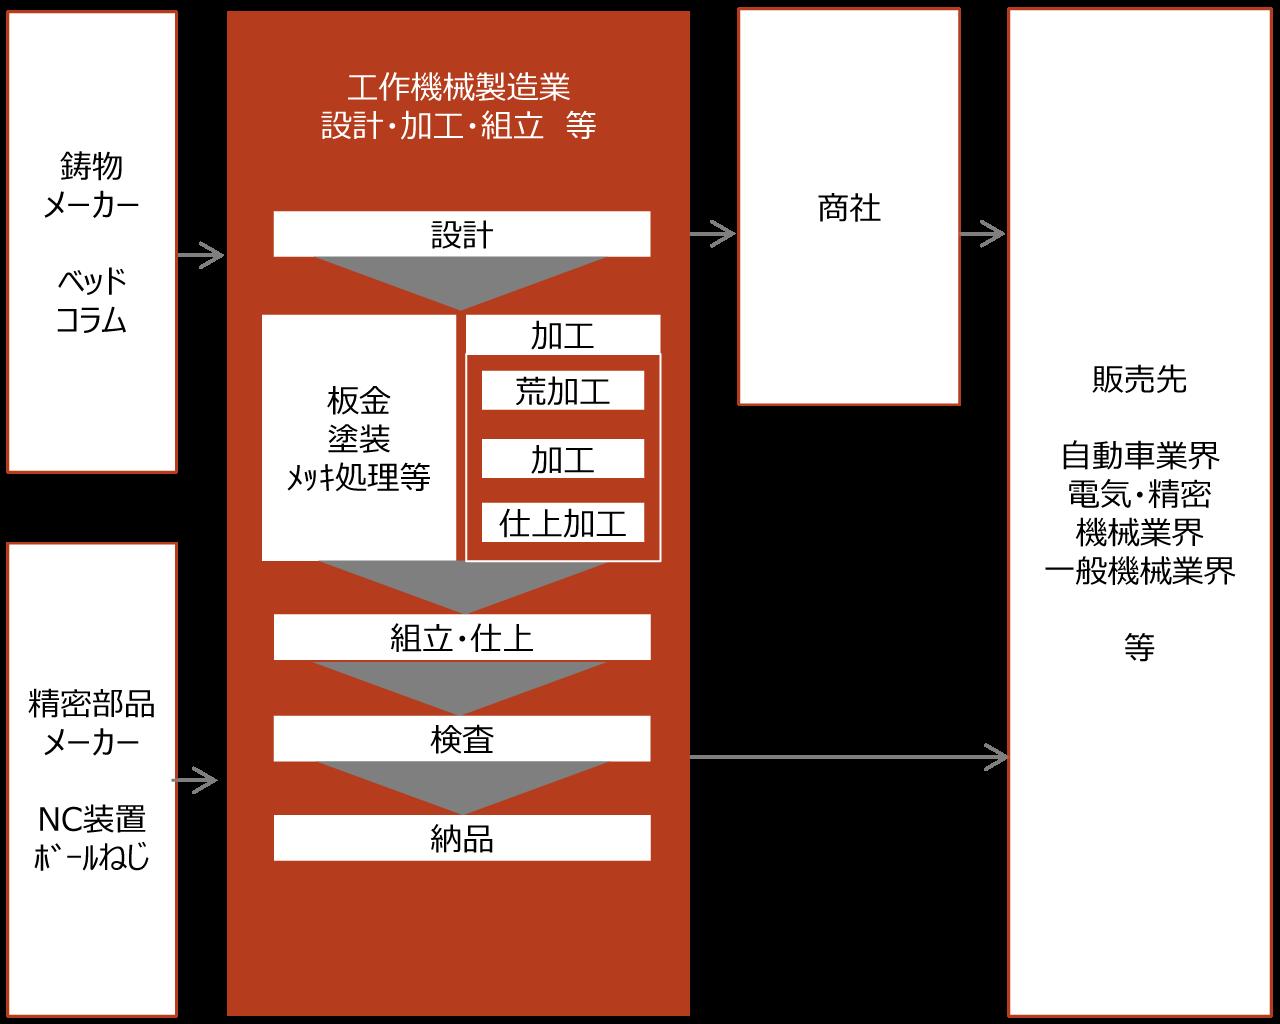 【工作機械製造業界の商流】